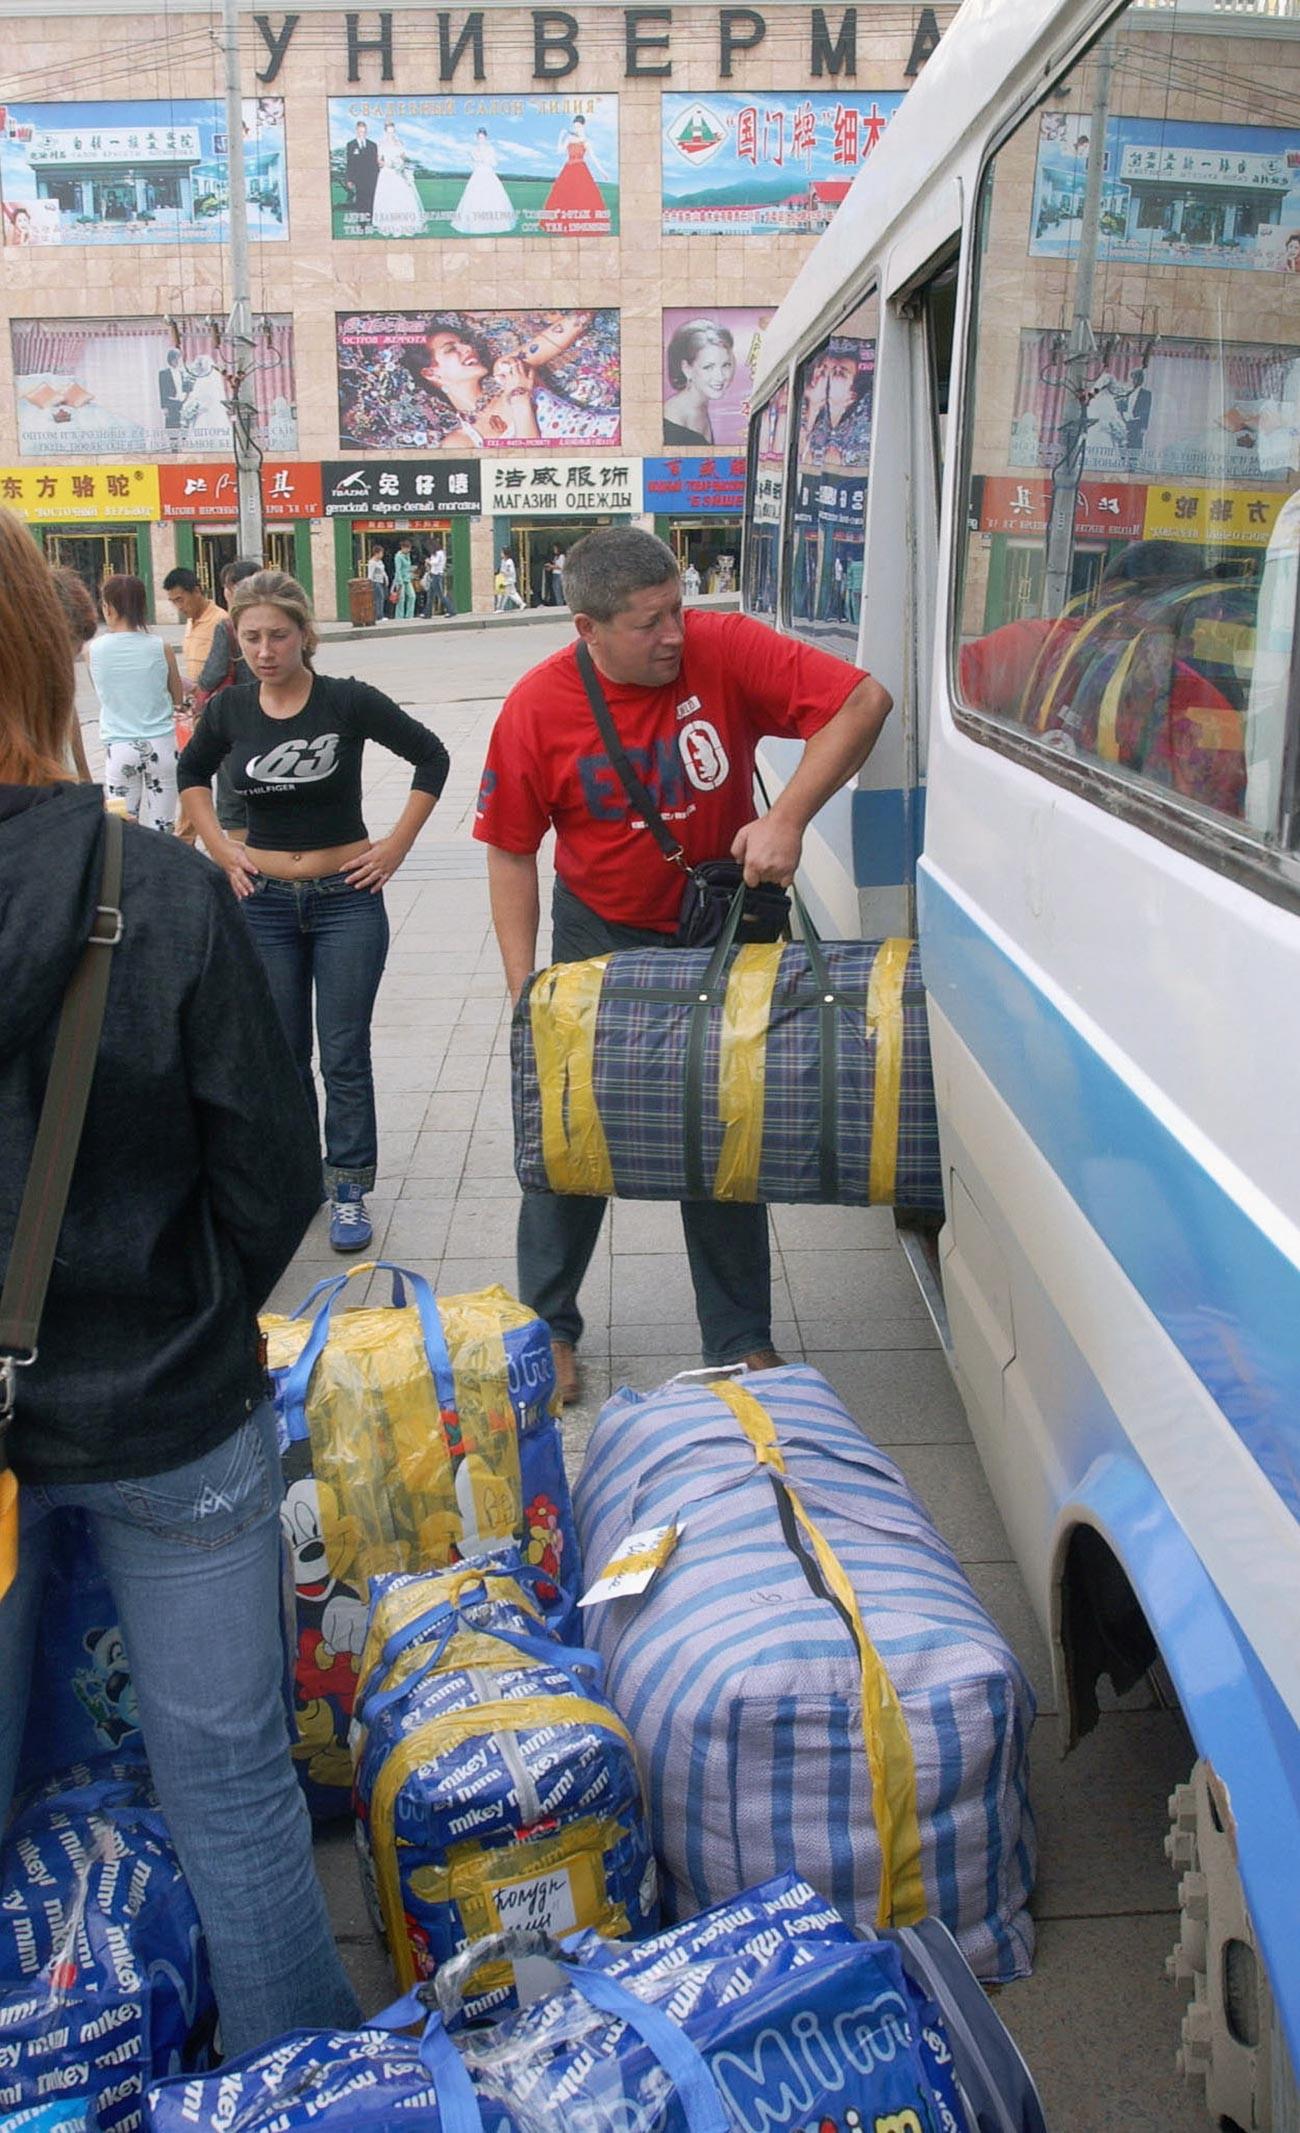 中国の綏芬河市。ロシアのチェルノキは中国で買った商品を持ち帰る。